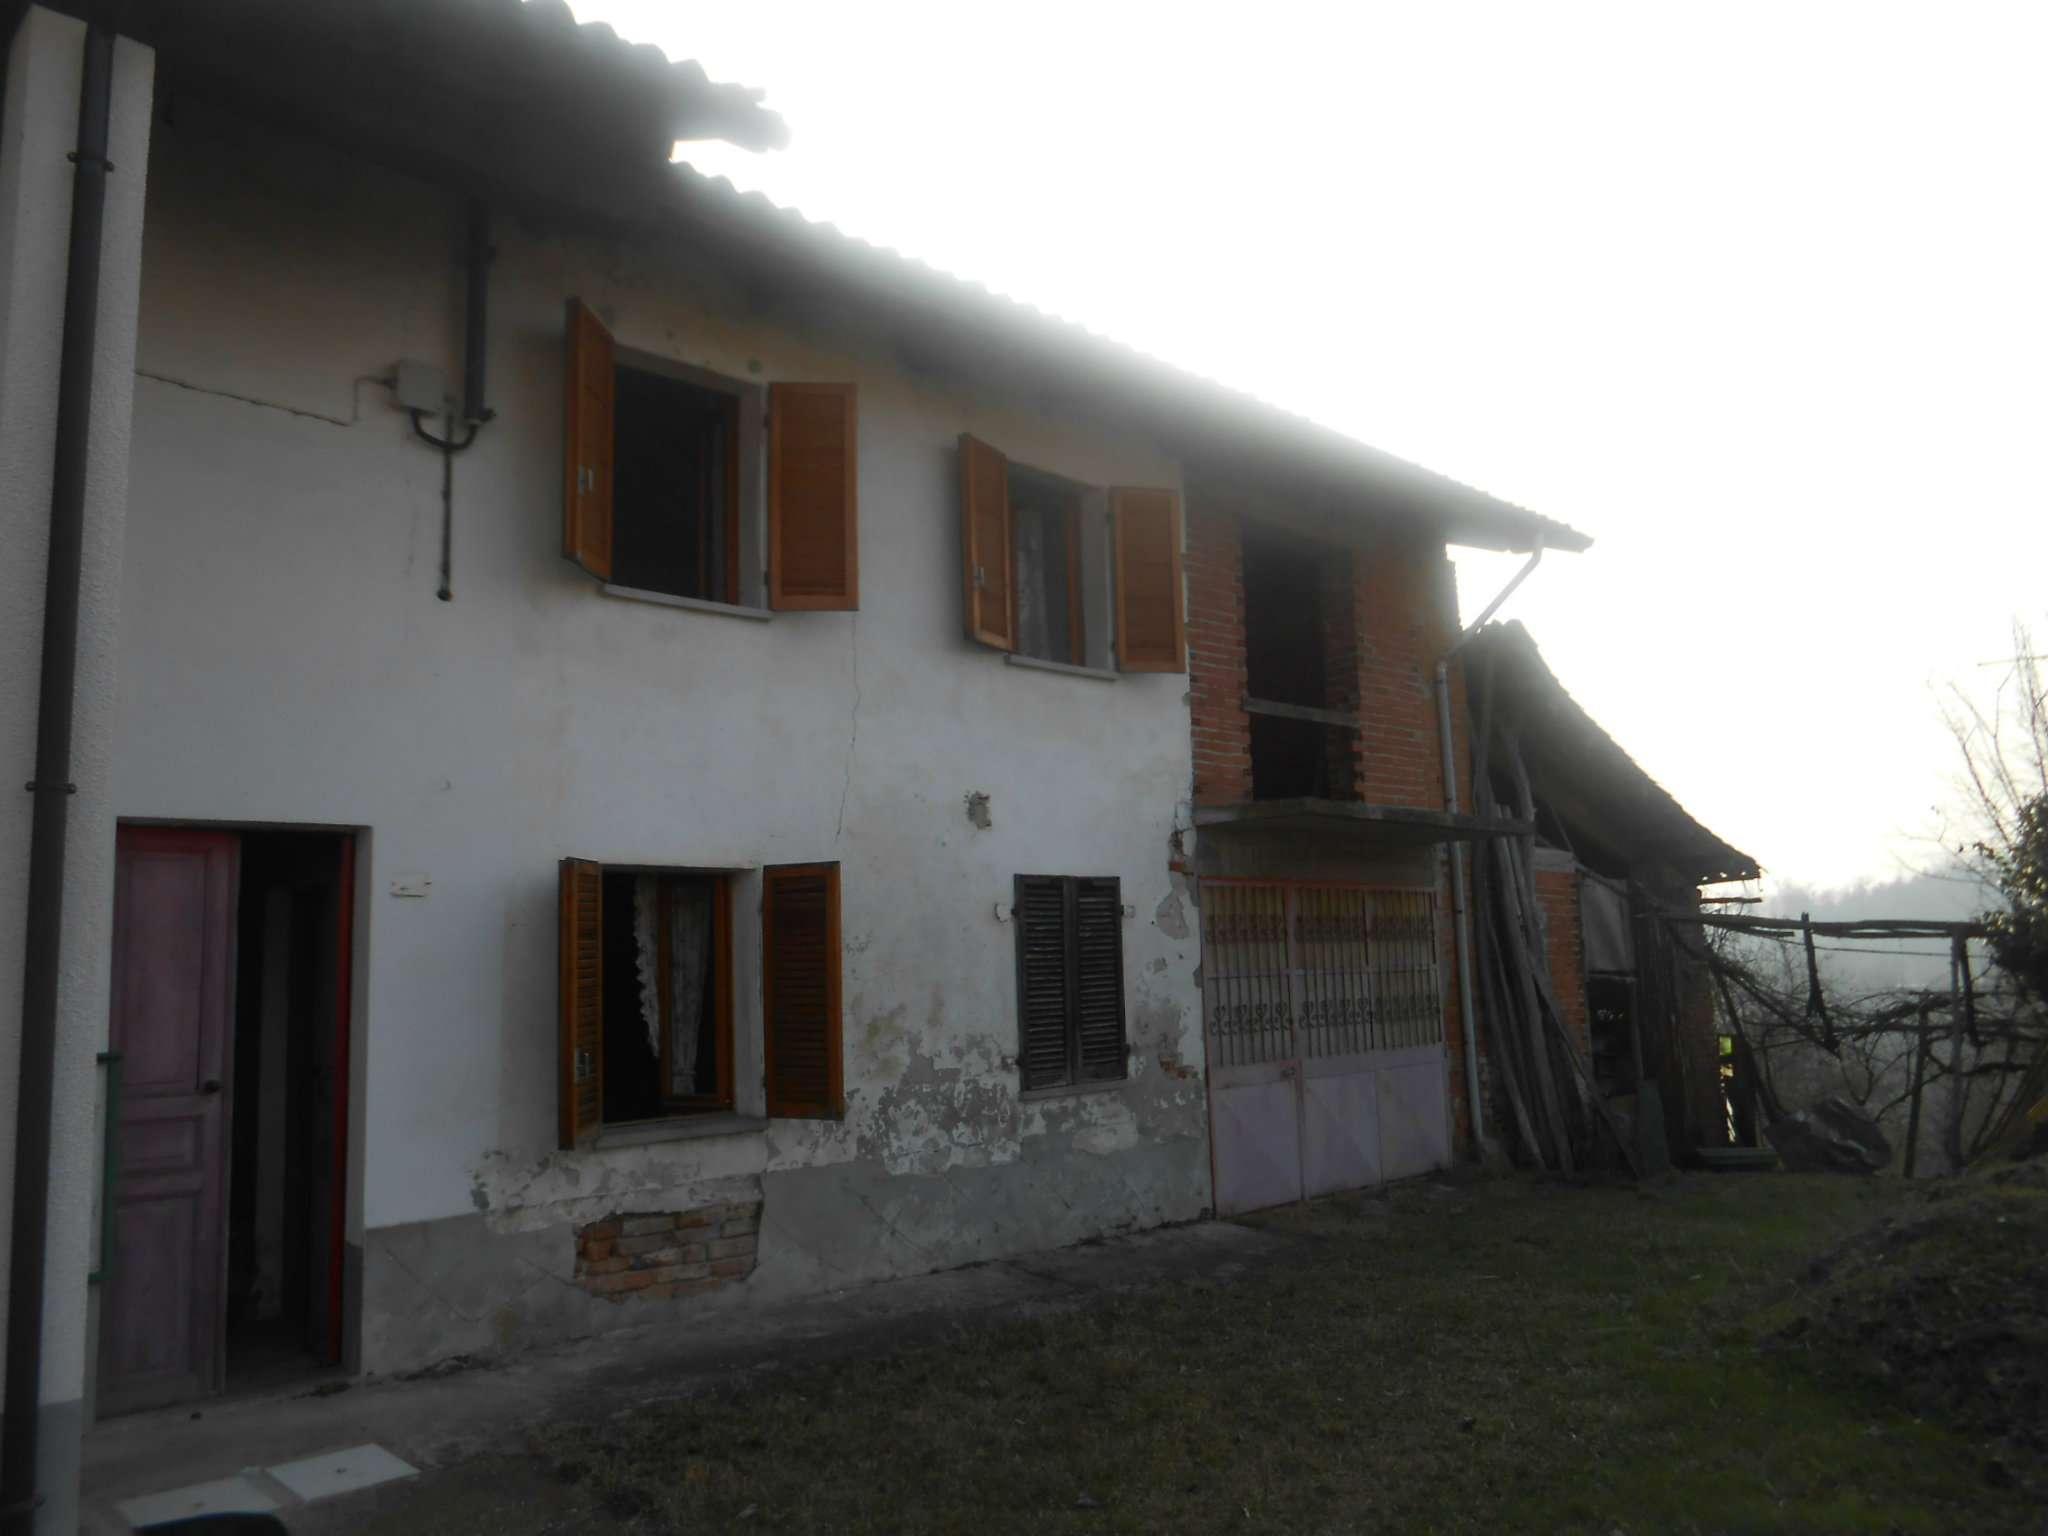 Soluzione Semindipendente in vendita a Capriglio, 6 locali, prezzo € 46.000 | PortaleAgenzieImmobiliari.it